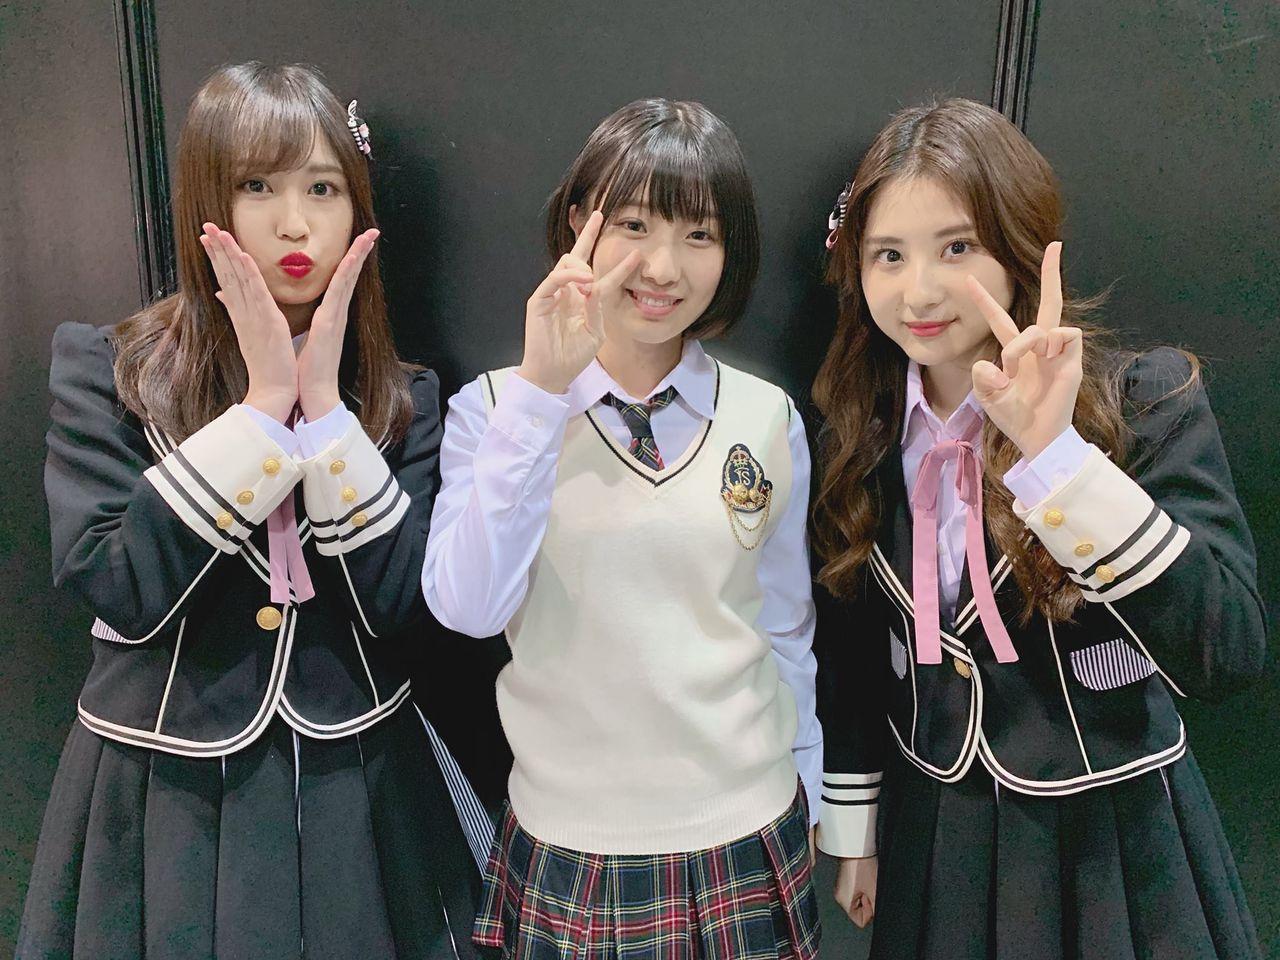 【研究生】NMB48期待の次世代メンバーをご覧ください【画像】